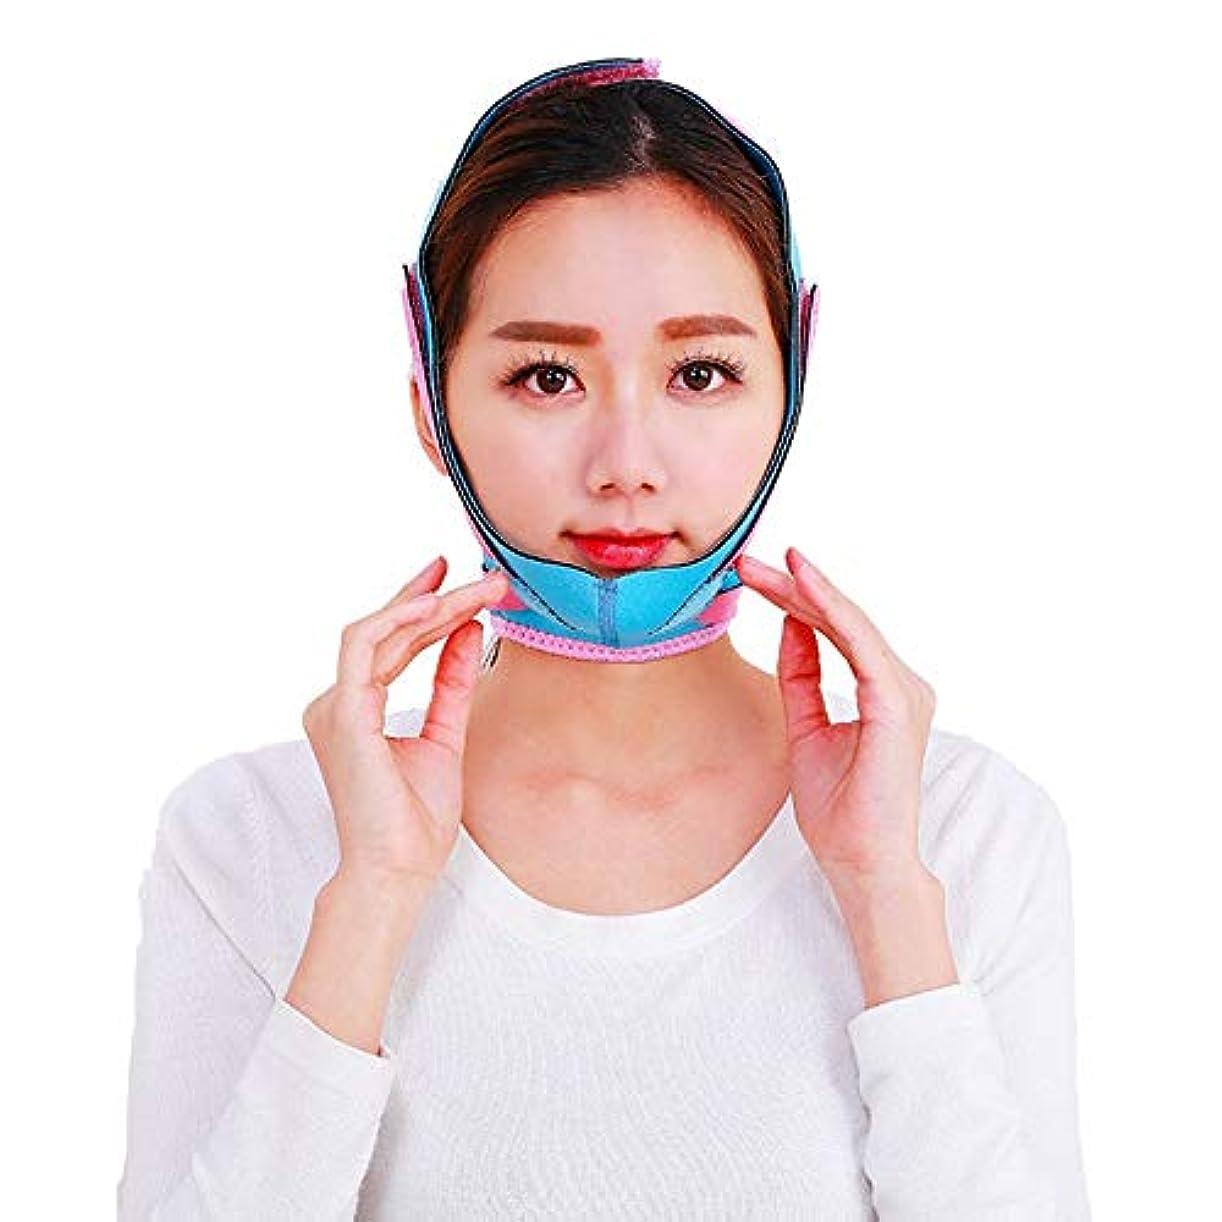 メモ銀行プロフィール薄い顔のベルト - 薄い顔のベルト通気性のある顔の包帯前面のリフティングマスクVの顔薄い面の小さな持ち上げツール